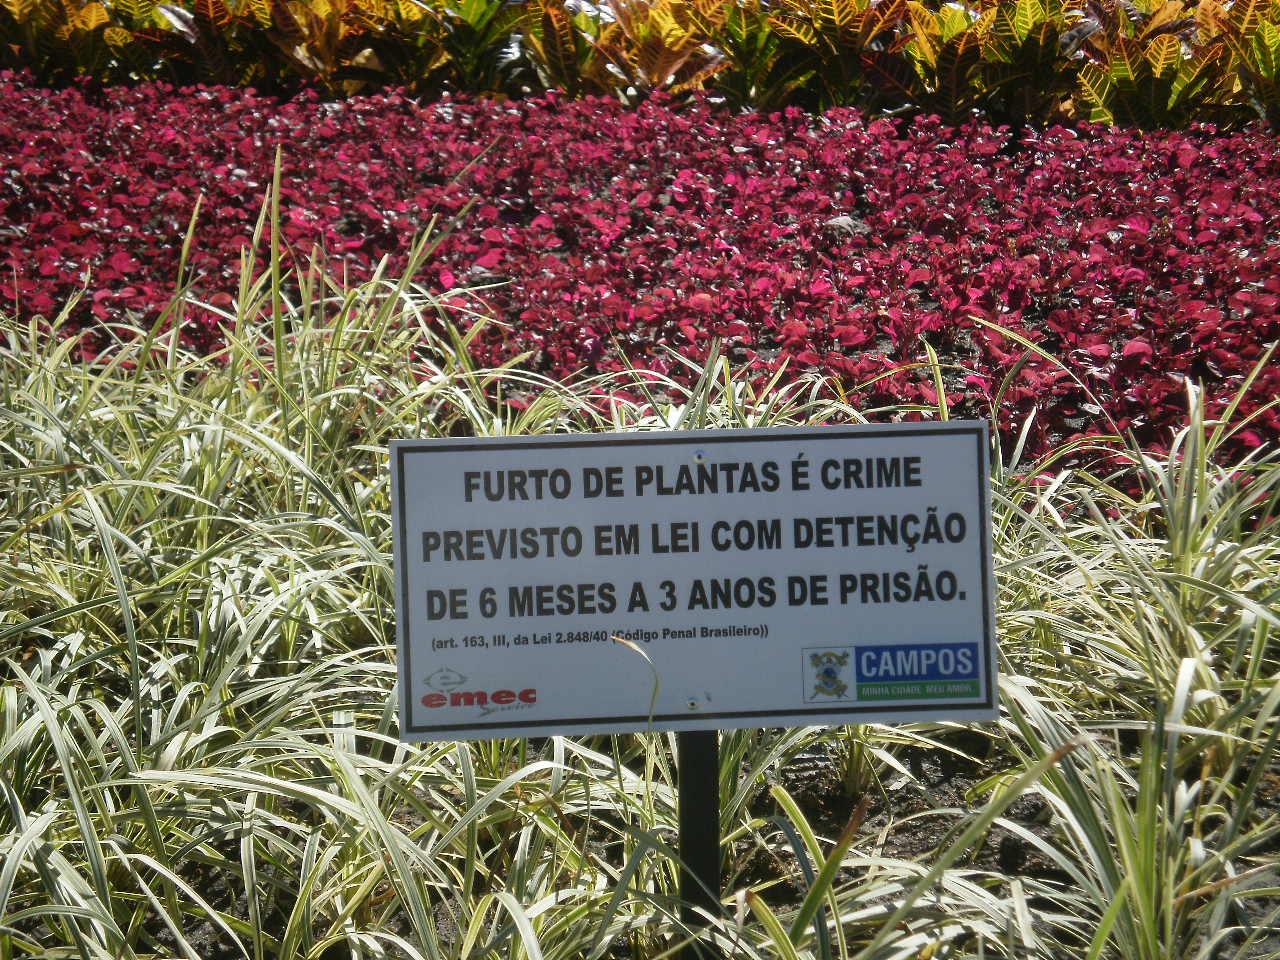 plantas cidade jardim : plantas cidade jardim: que furta uma planta em jardim público muitas plantas tem sido